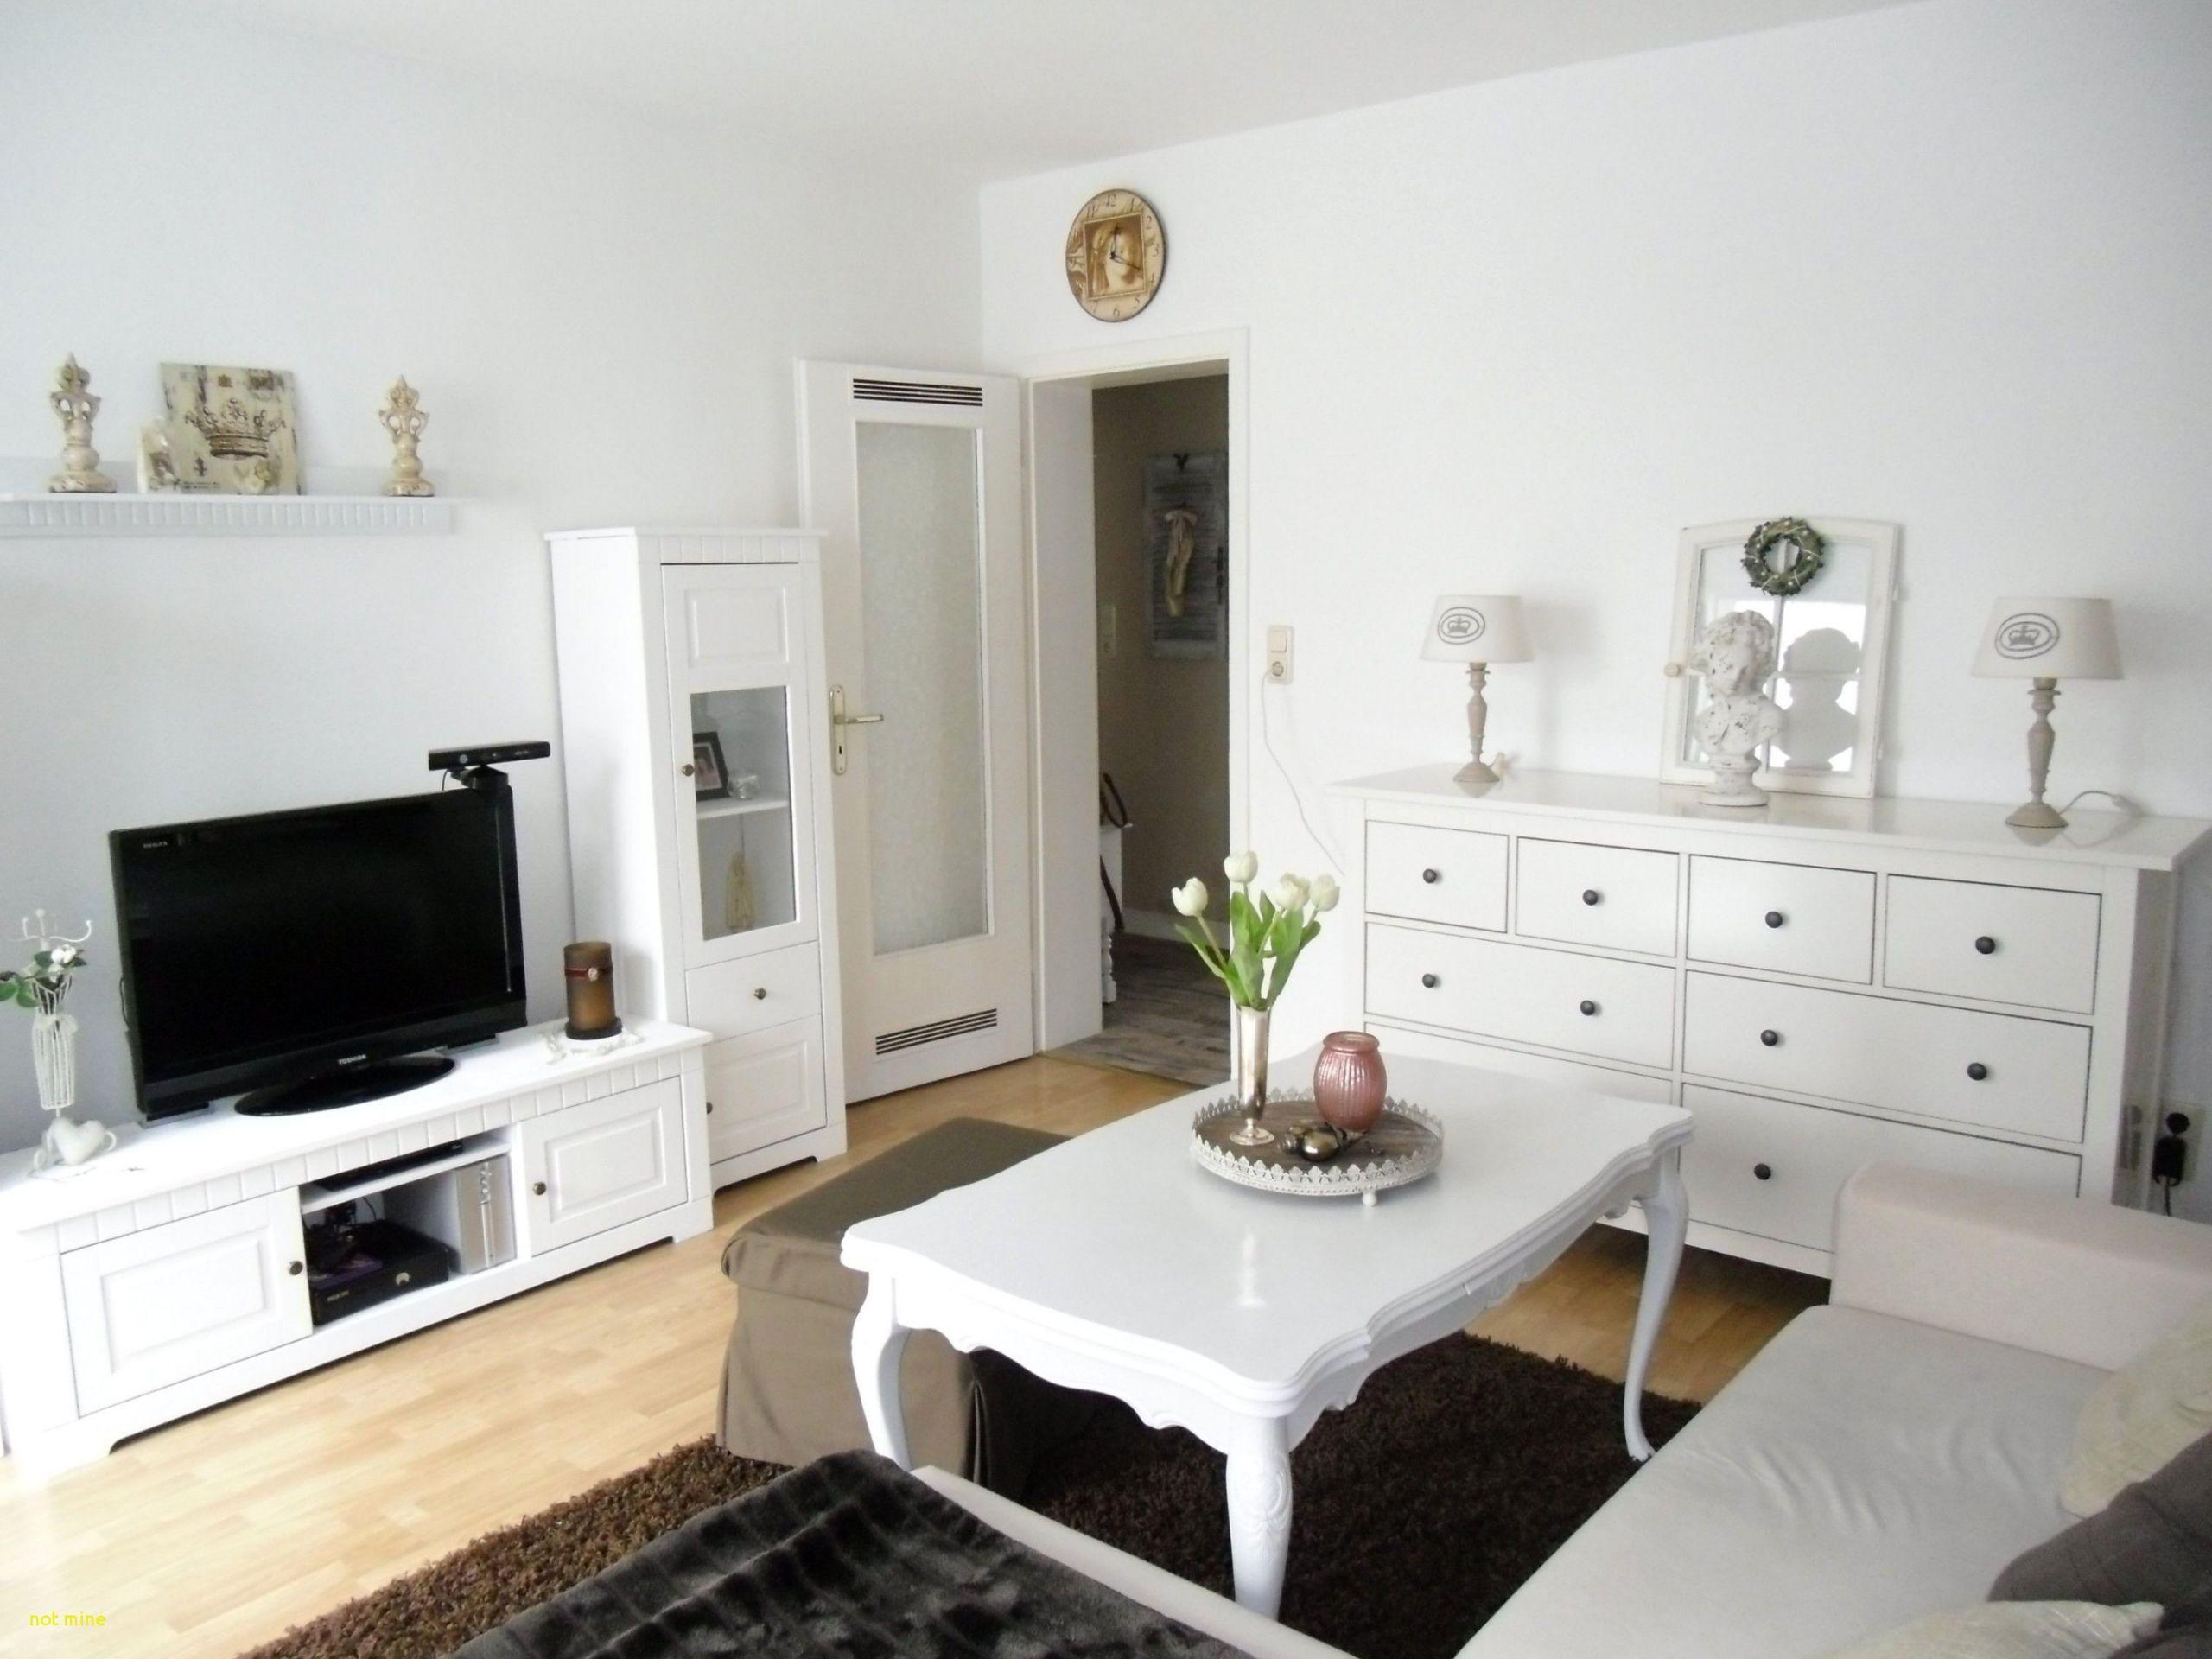 stuehle wohnzimmer design wohnzimmer ideen deko flott wohnzimmer deko 0d archives tolle elegant